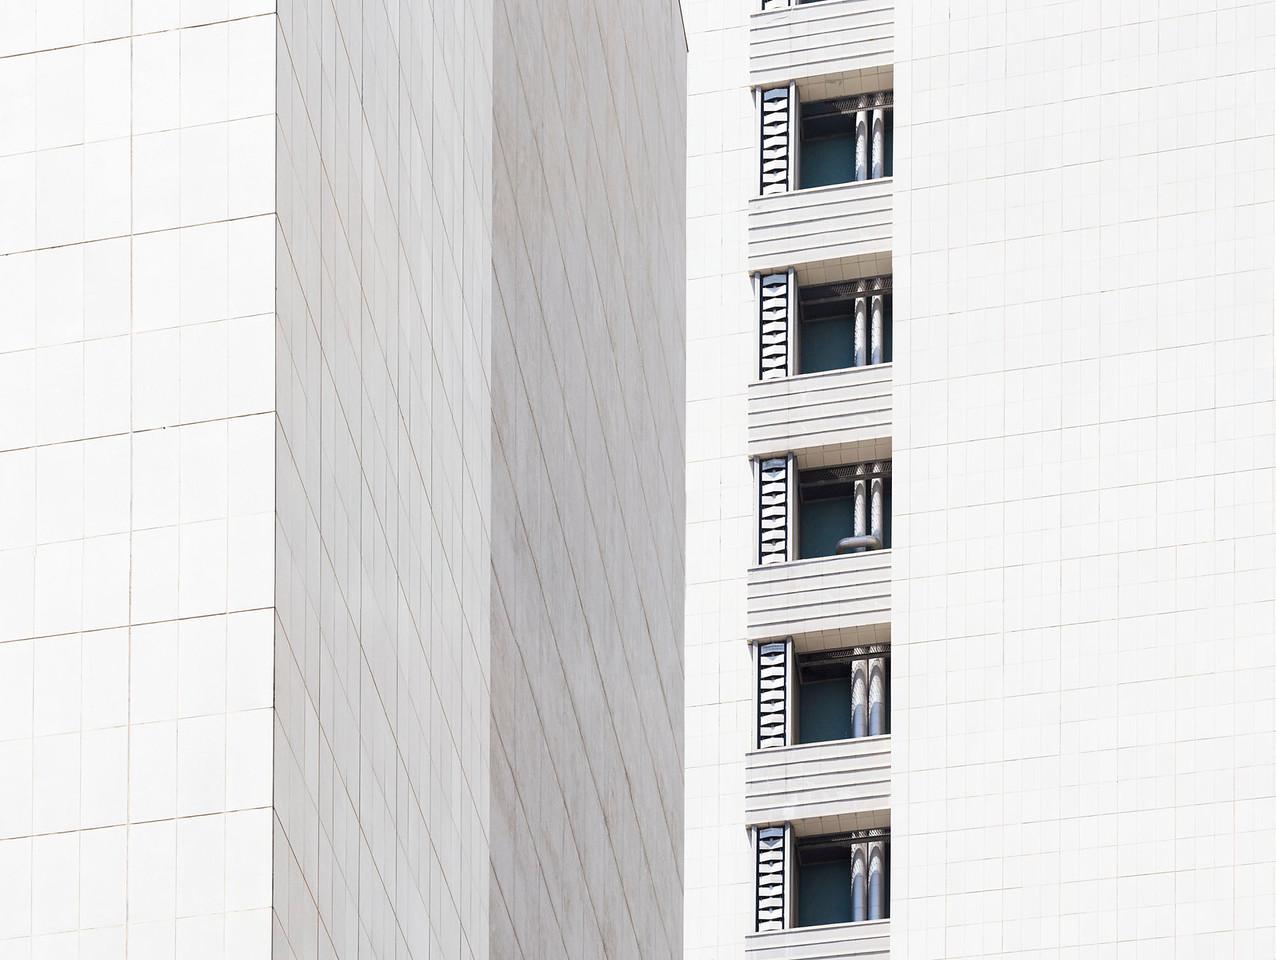 LA White Skyscraper 2015